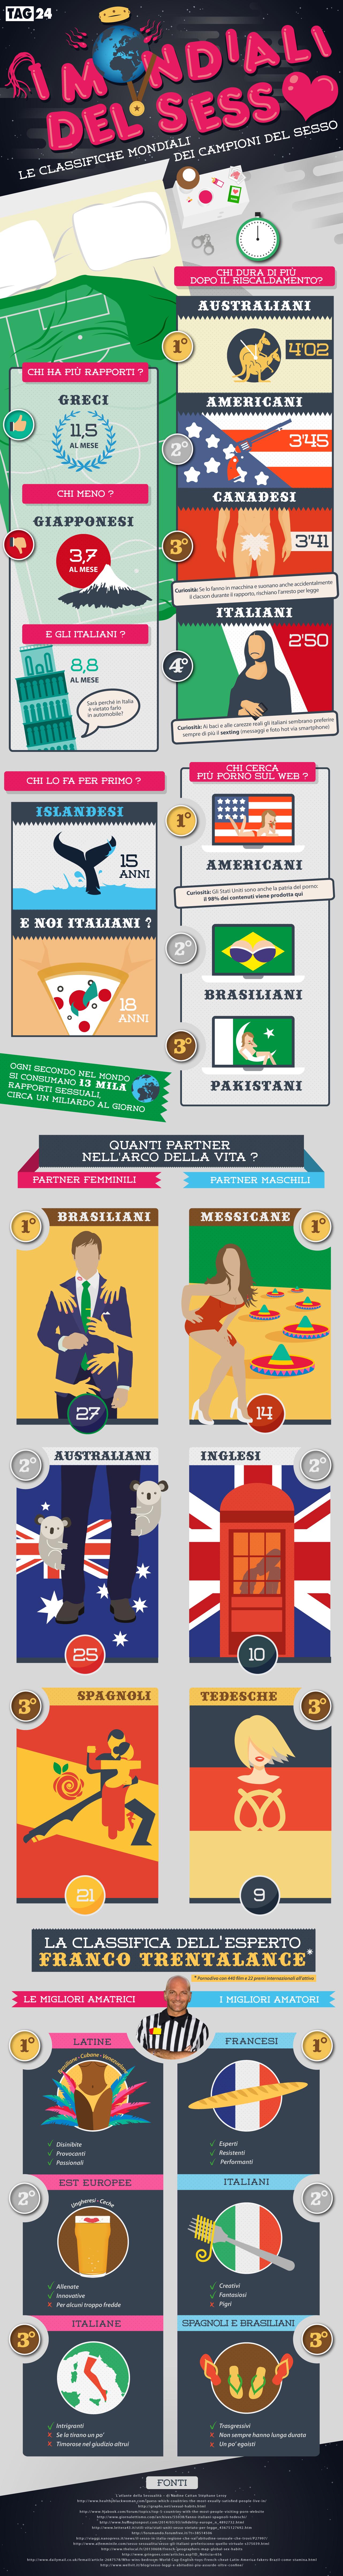 I mondiali del sesso: curiosità e umorismo nell'infografica dell'amore